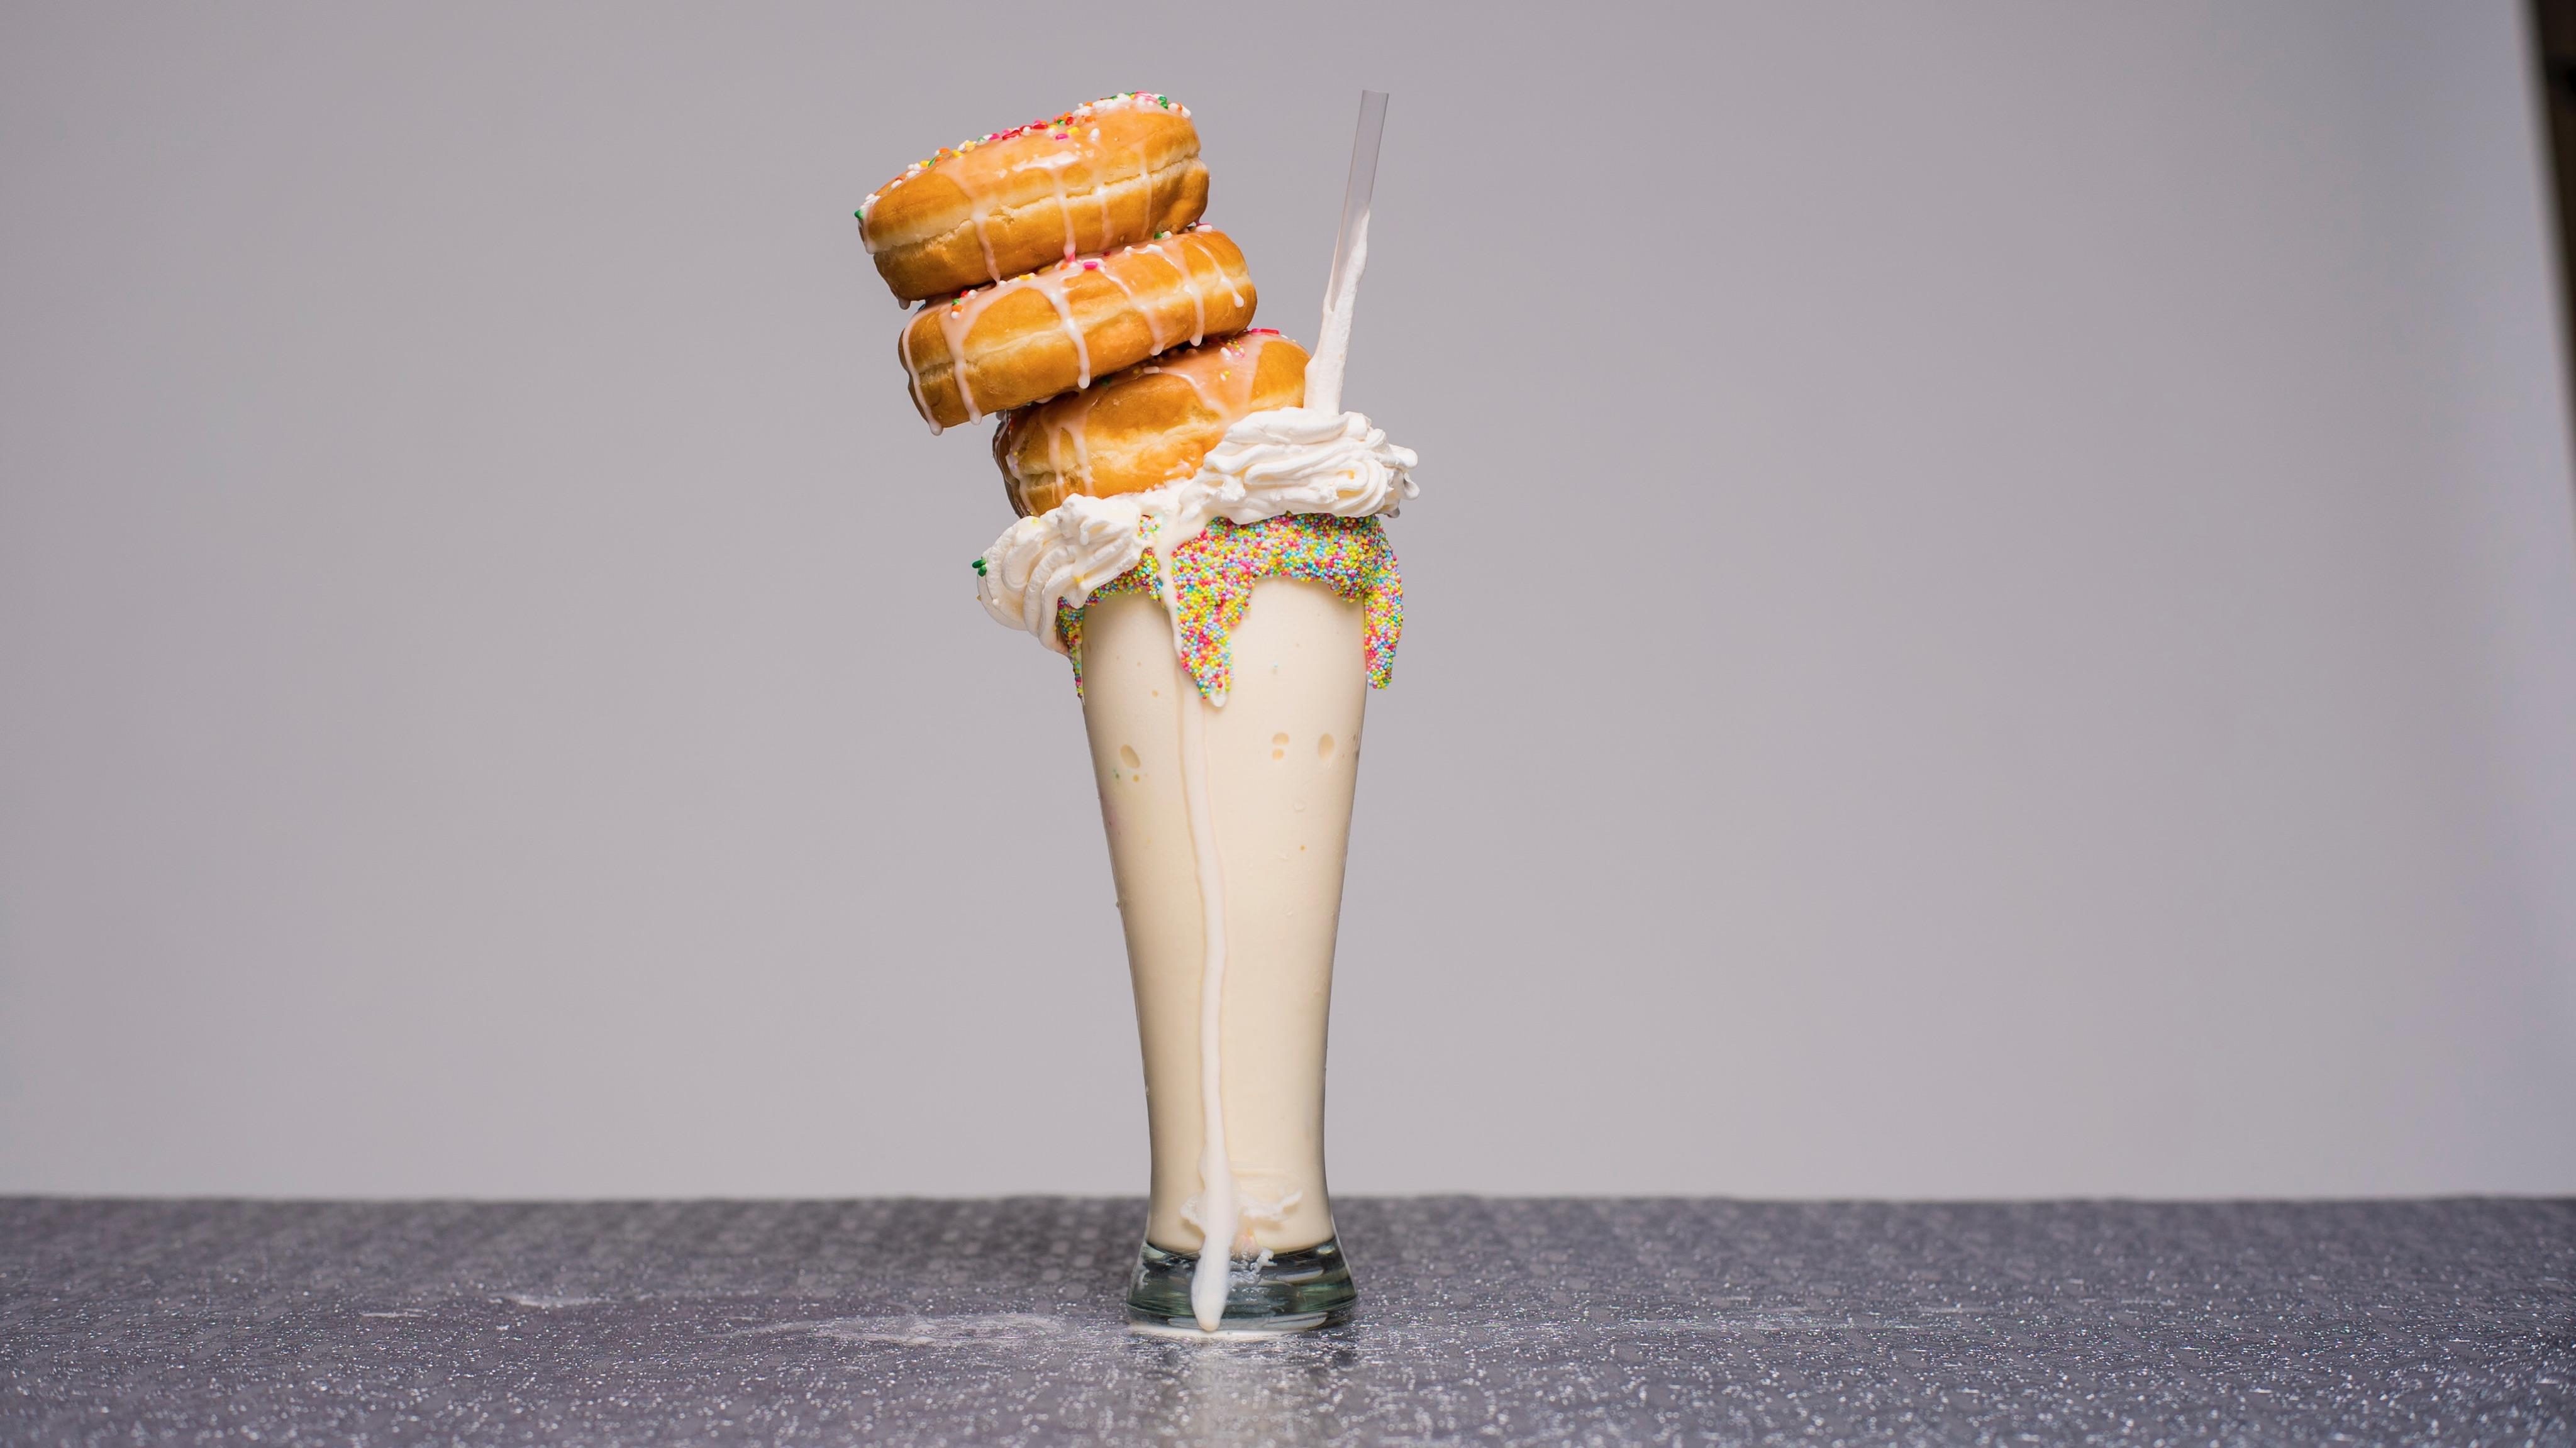 The donut milkshake at My Fair Sweets.